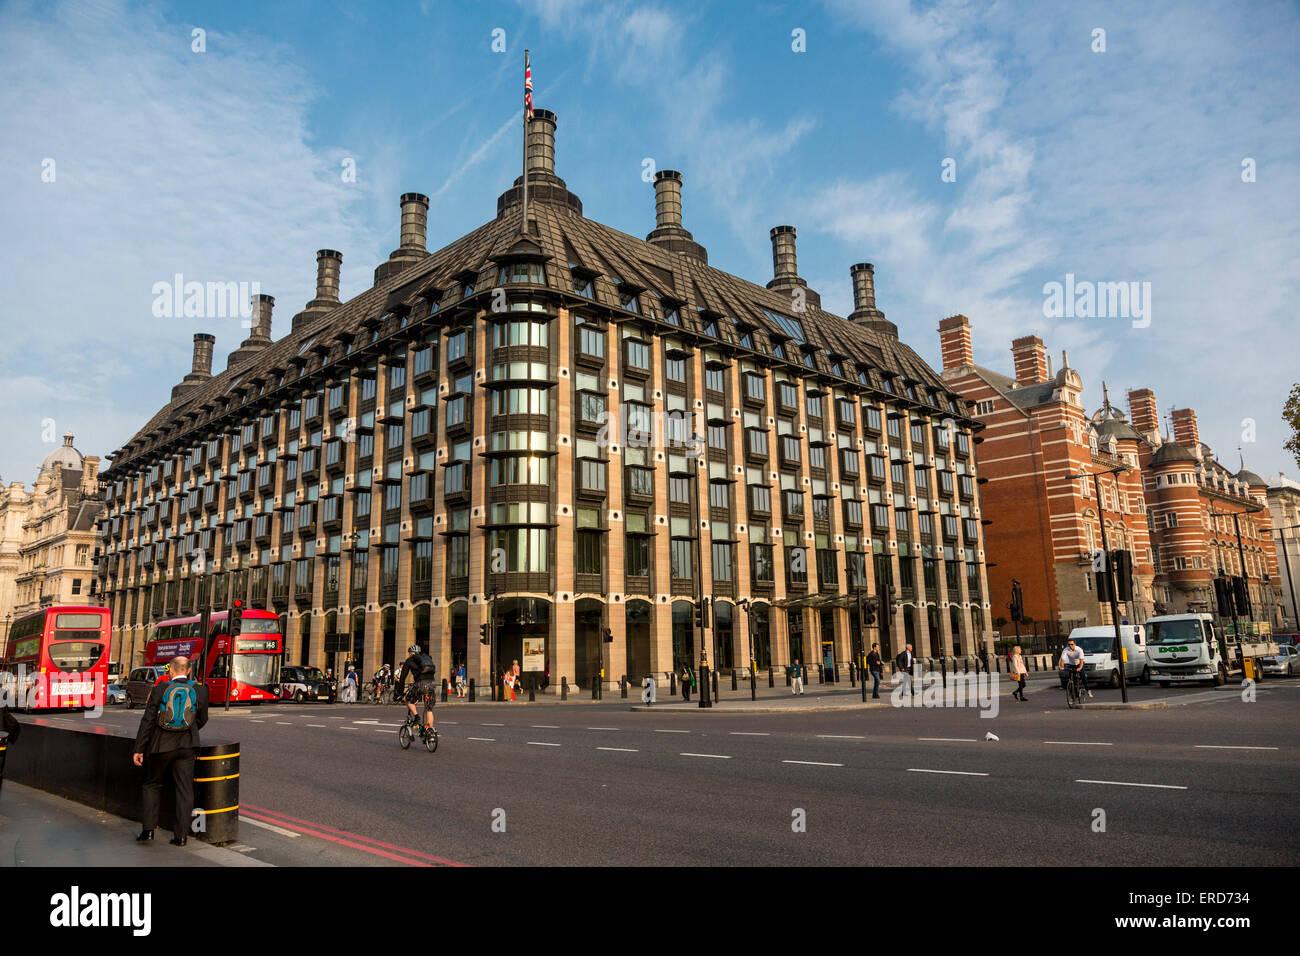 Großbritannien, England, London.  Portcullis House, Büros des Parlaments und parlamentarischen Ausschüsse. Stockfoto